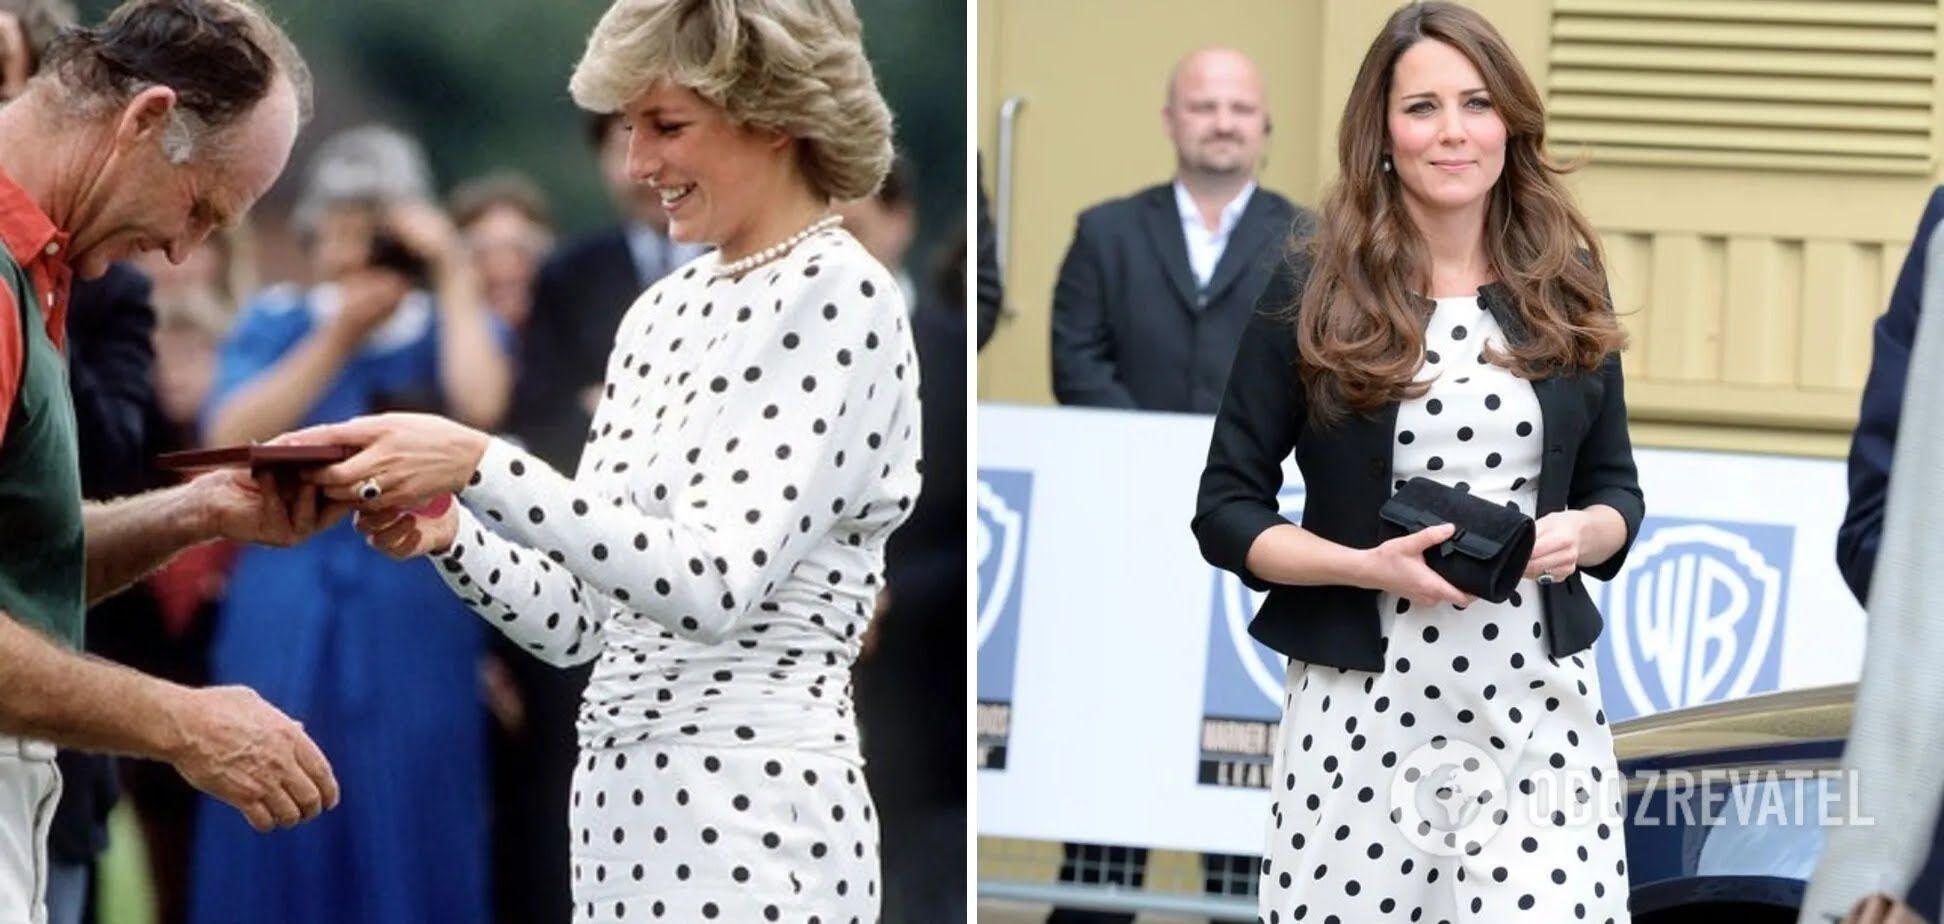 Кейт Міддлтон скопіювала сукню принцеси Діани.